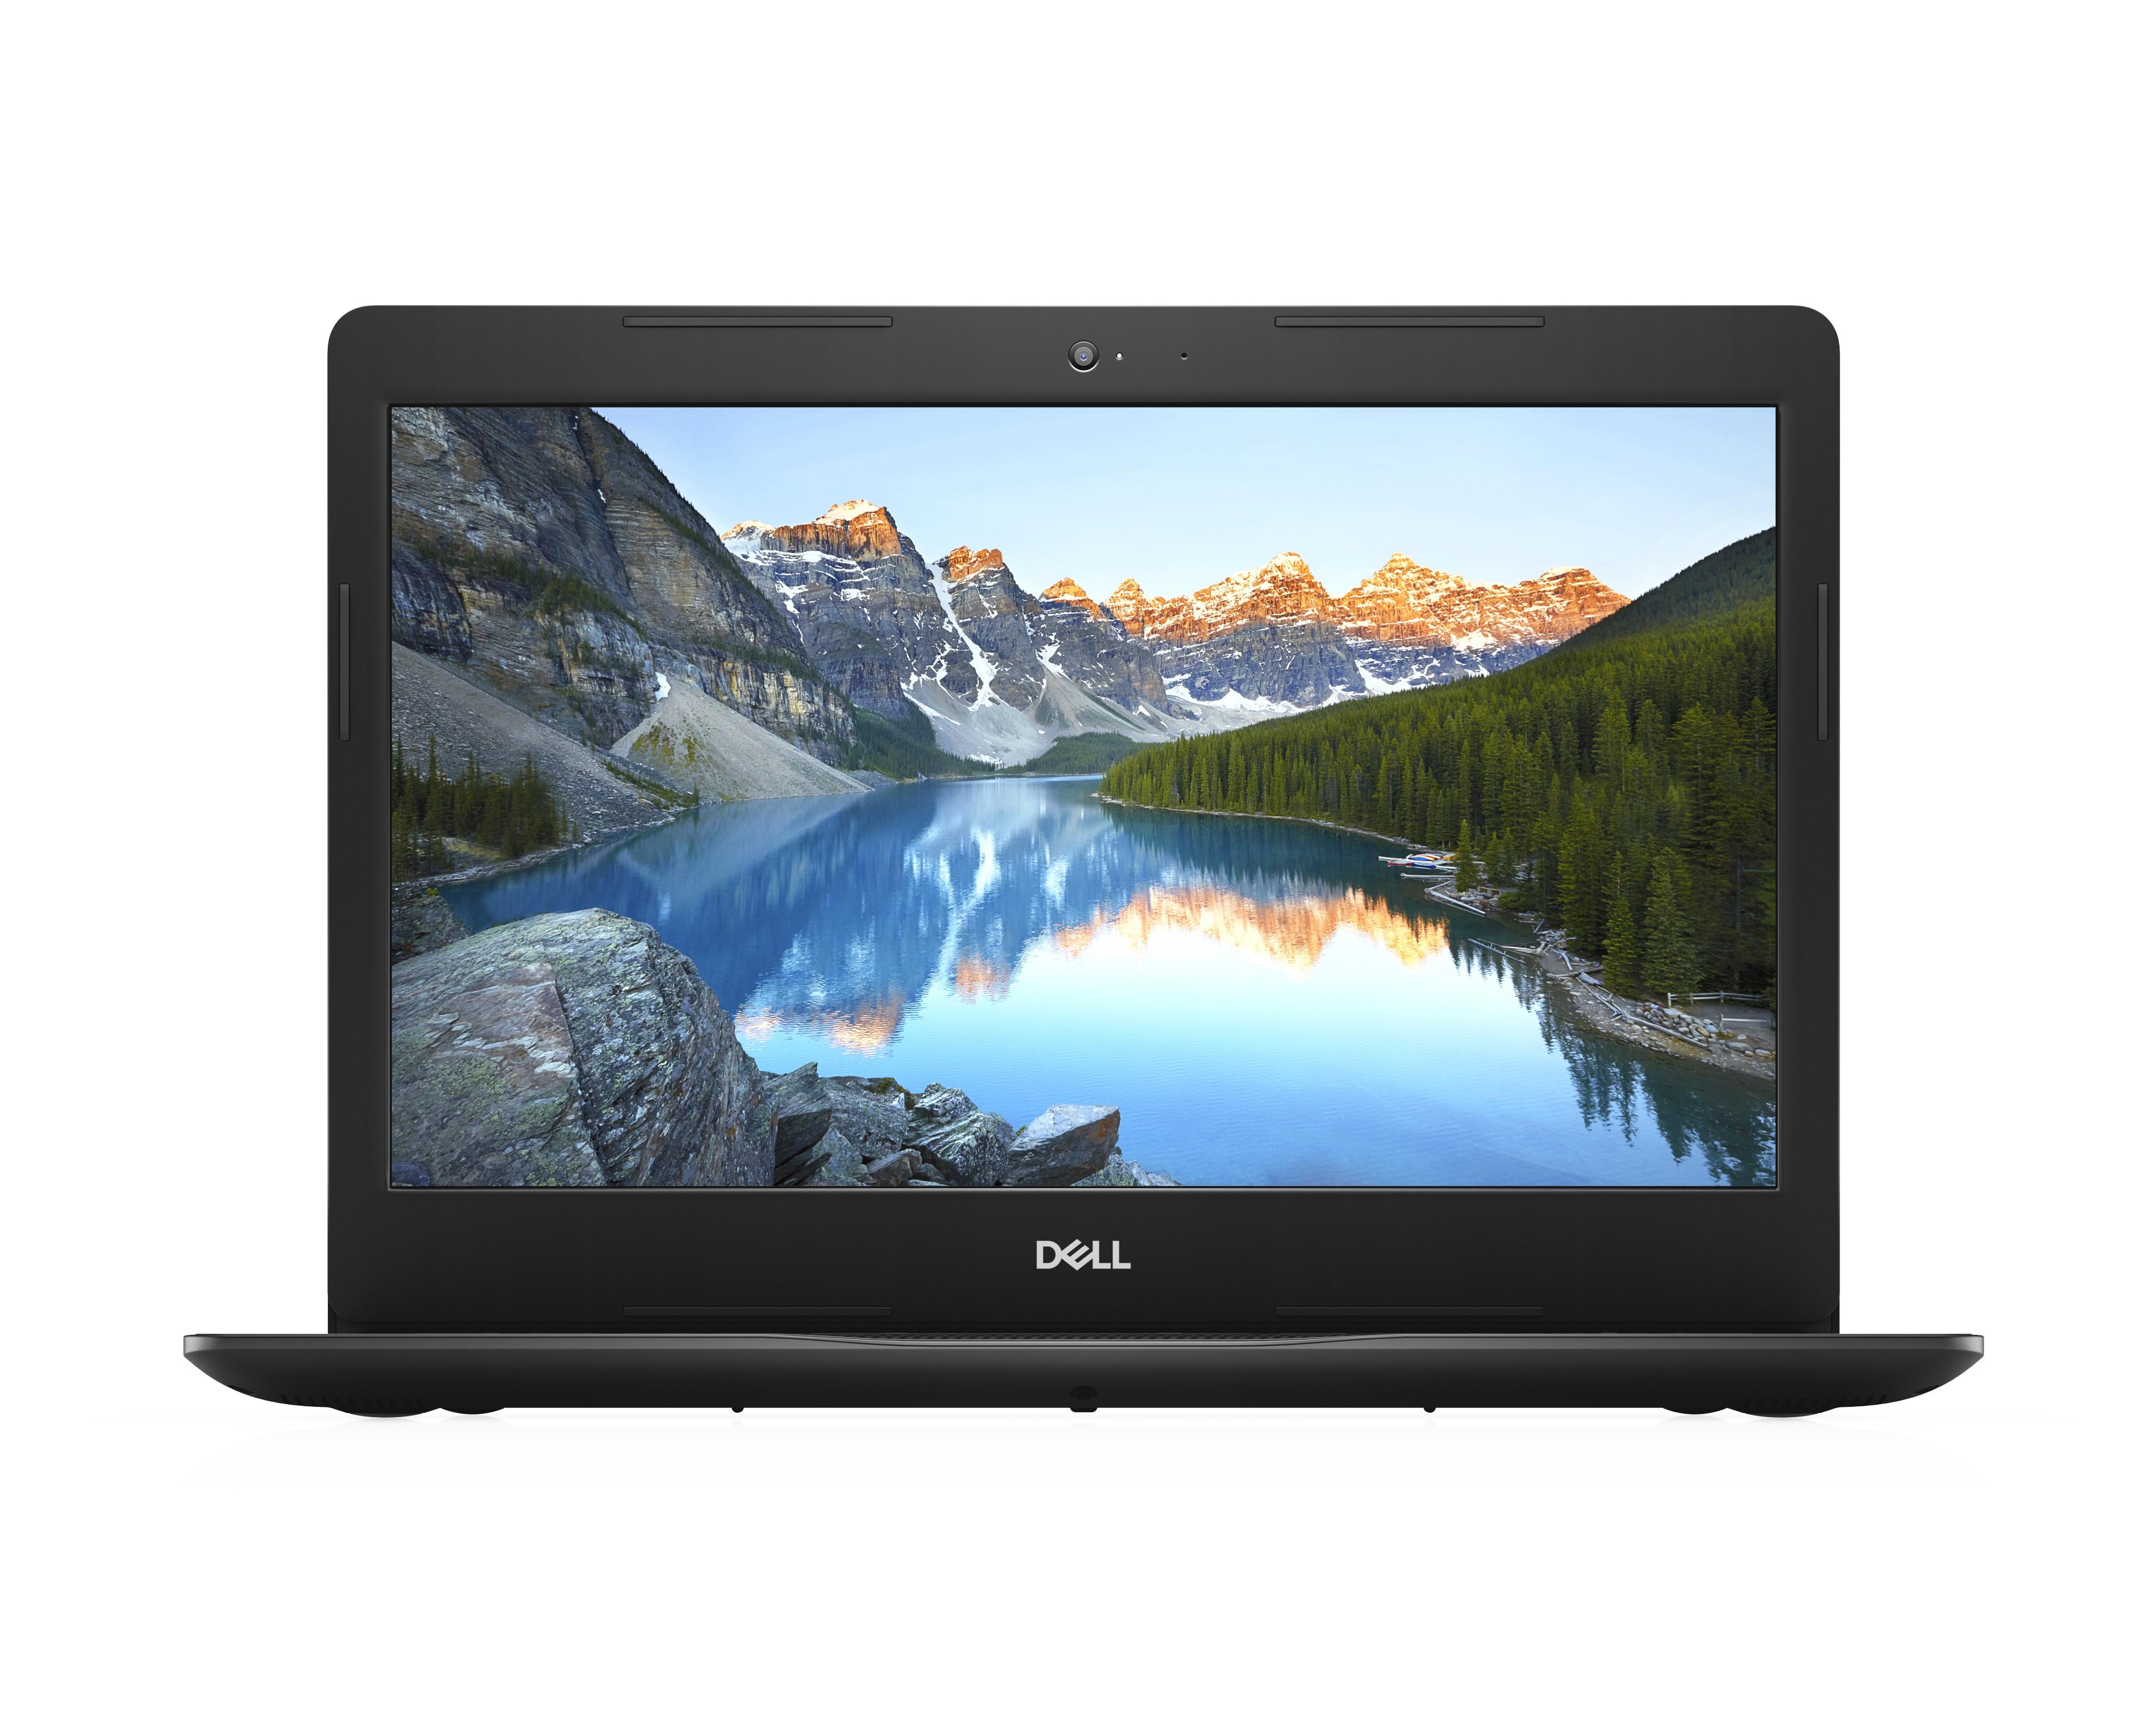 Dell Inspiron 3480